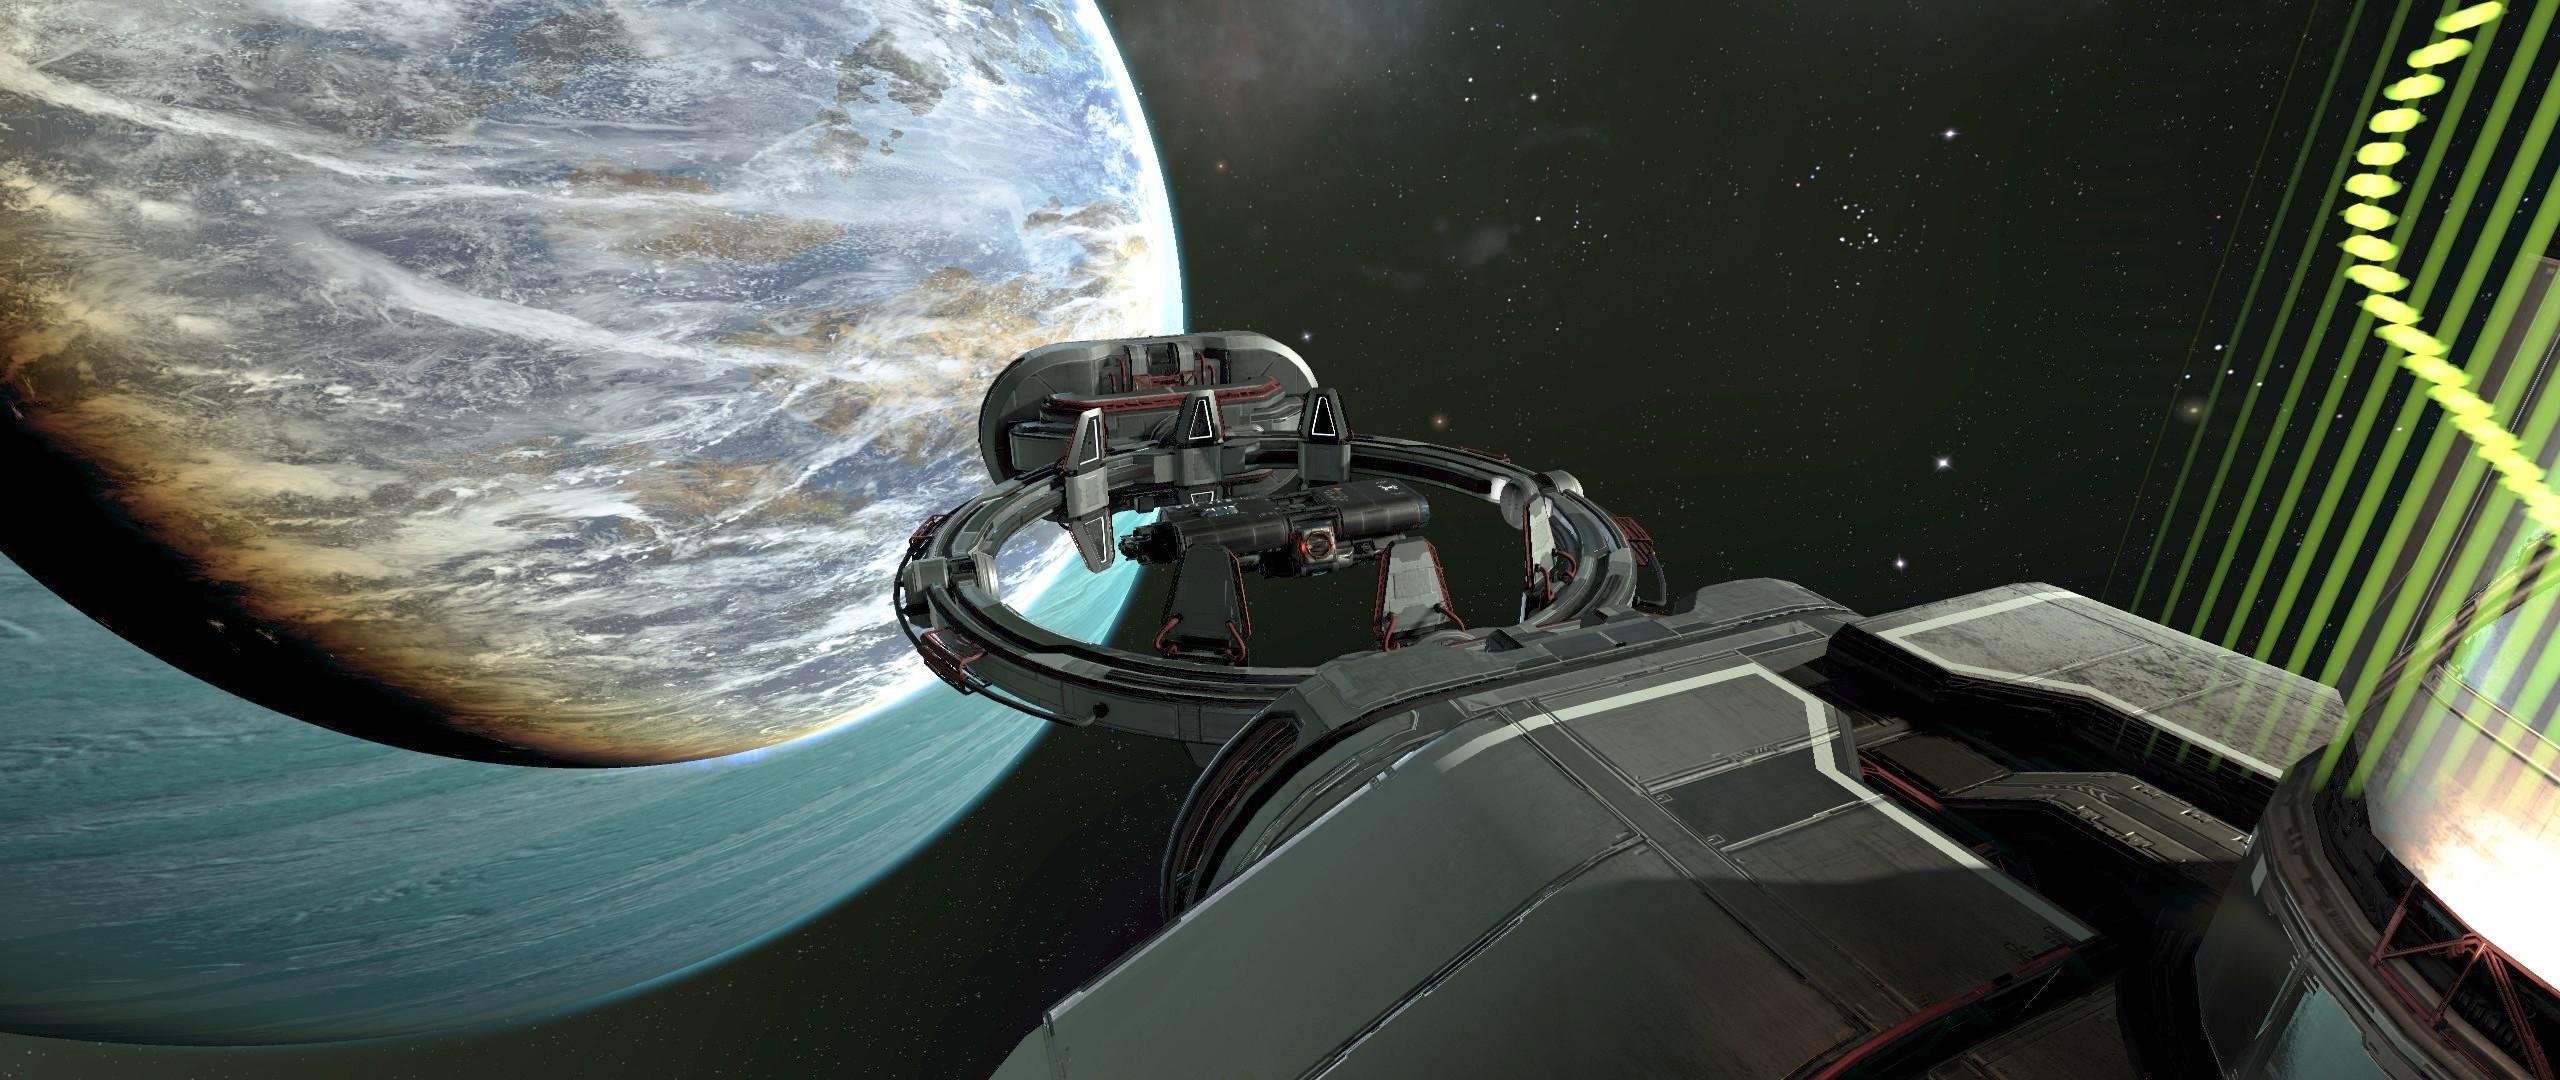 В космическом симуляторе X4: Foundations появился экспериментальный онлайн-режим